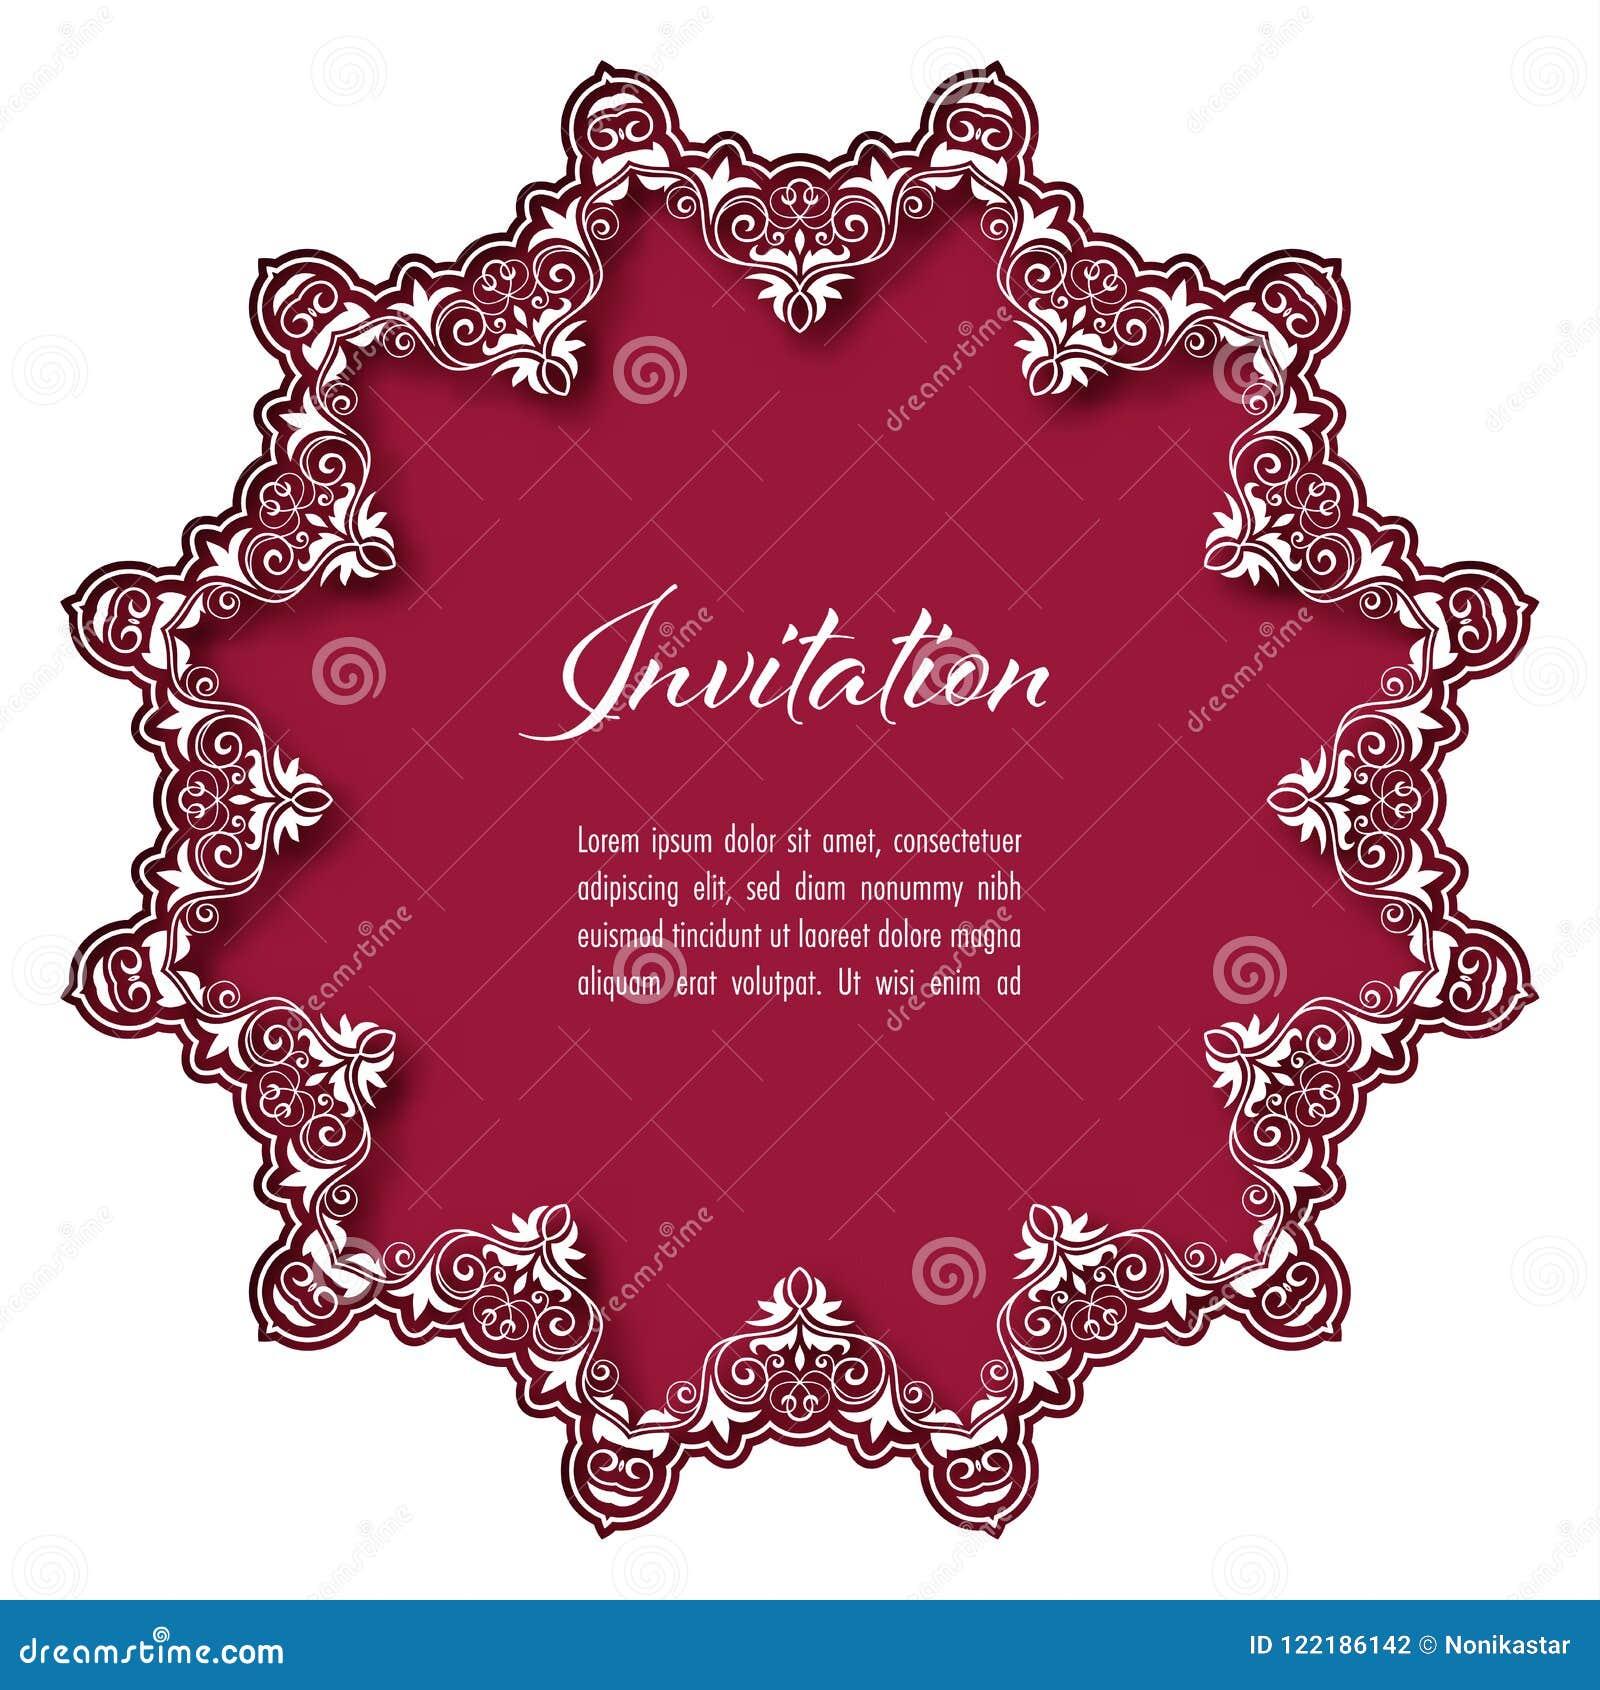 Vintage Invitation Template Stock Illustration - Illustration of ...